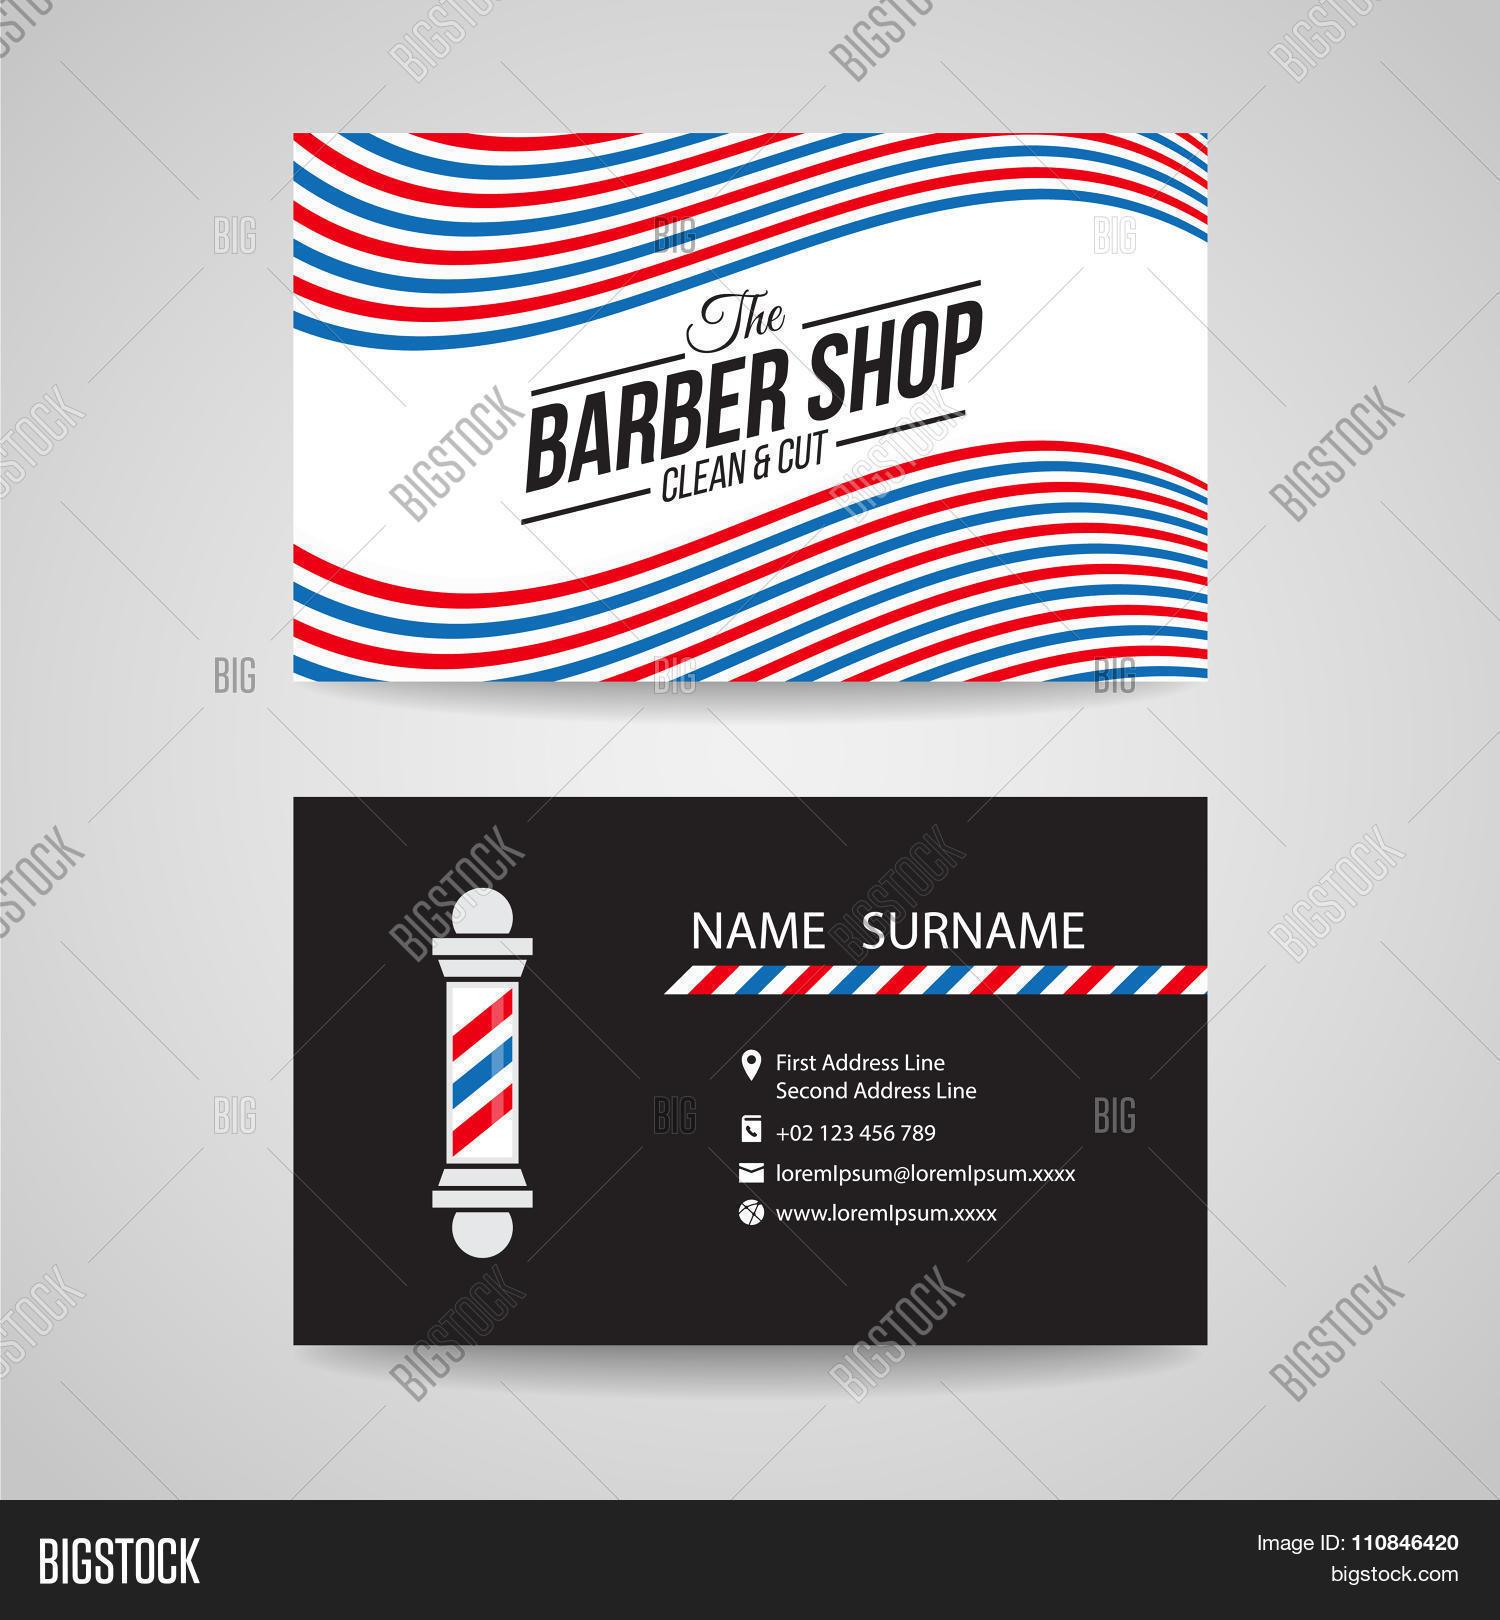 Business Card Barber Shop Barber Vector &